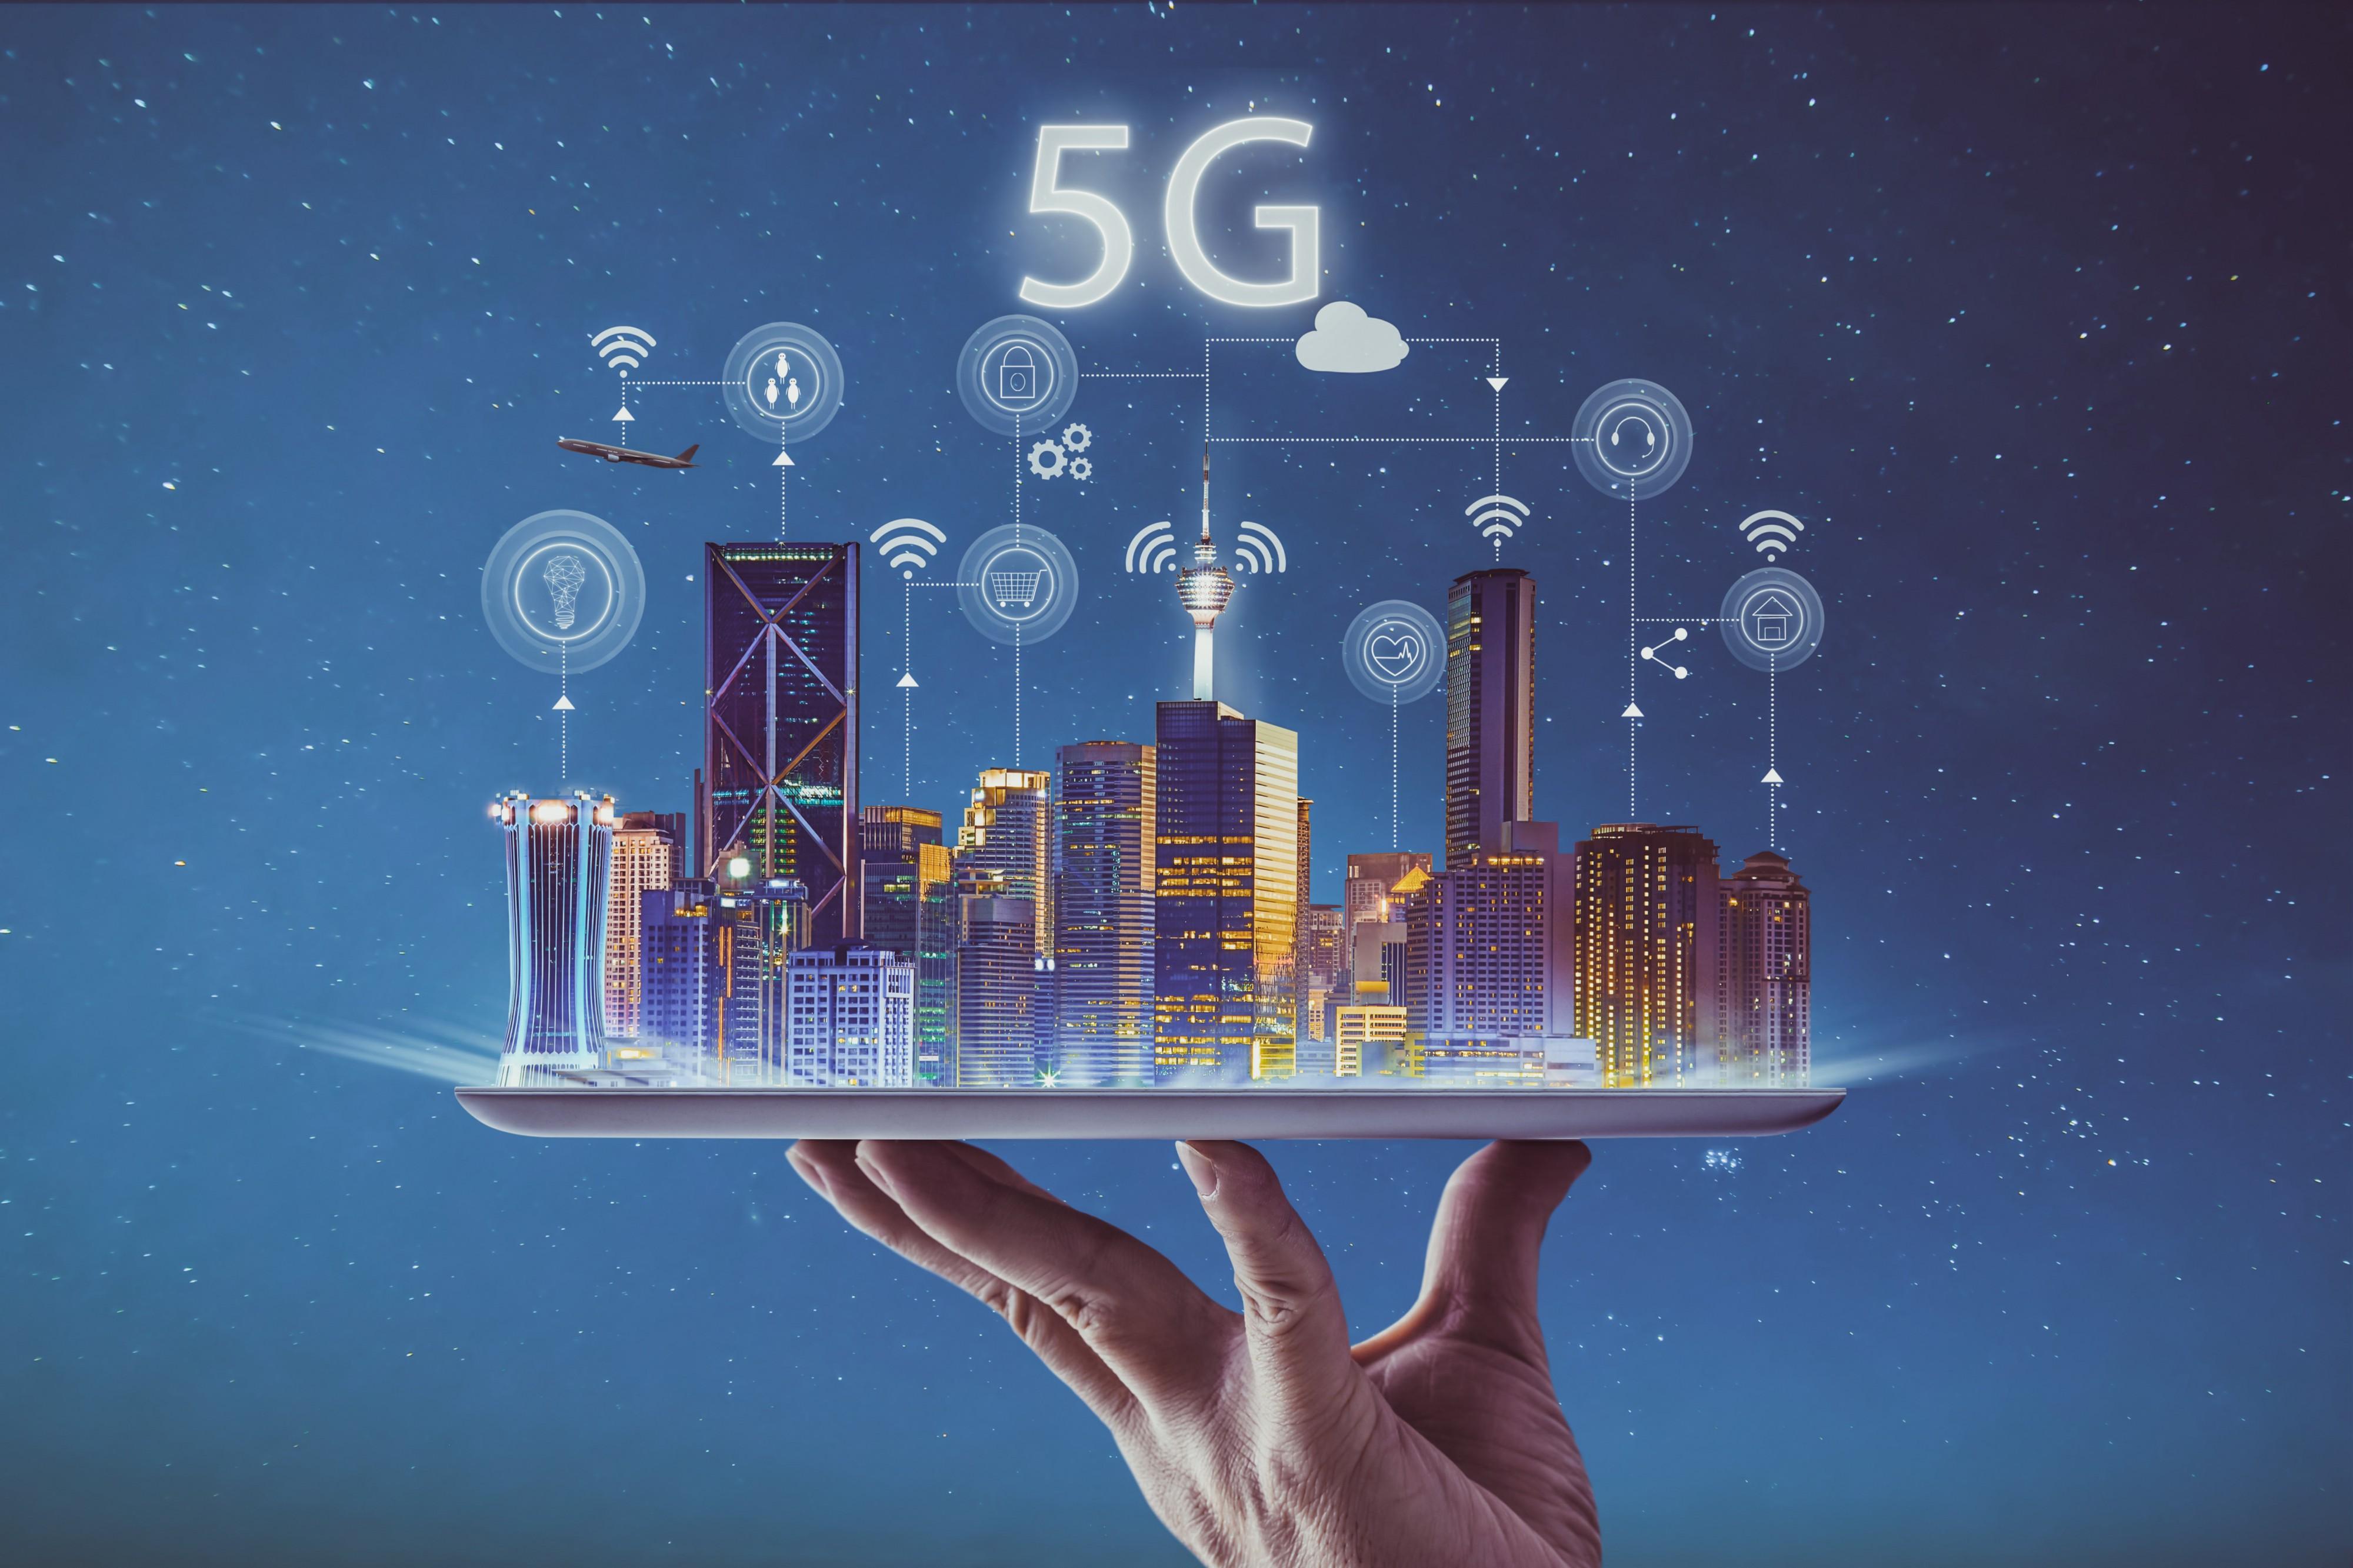 Estudo diz que 5G poderá interferir na previsão meteorológica